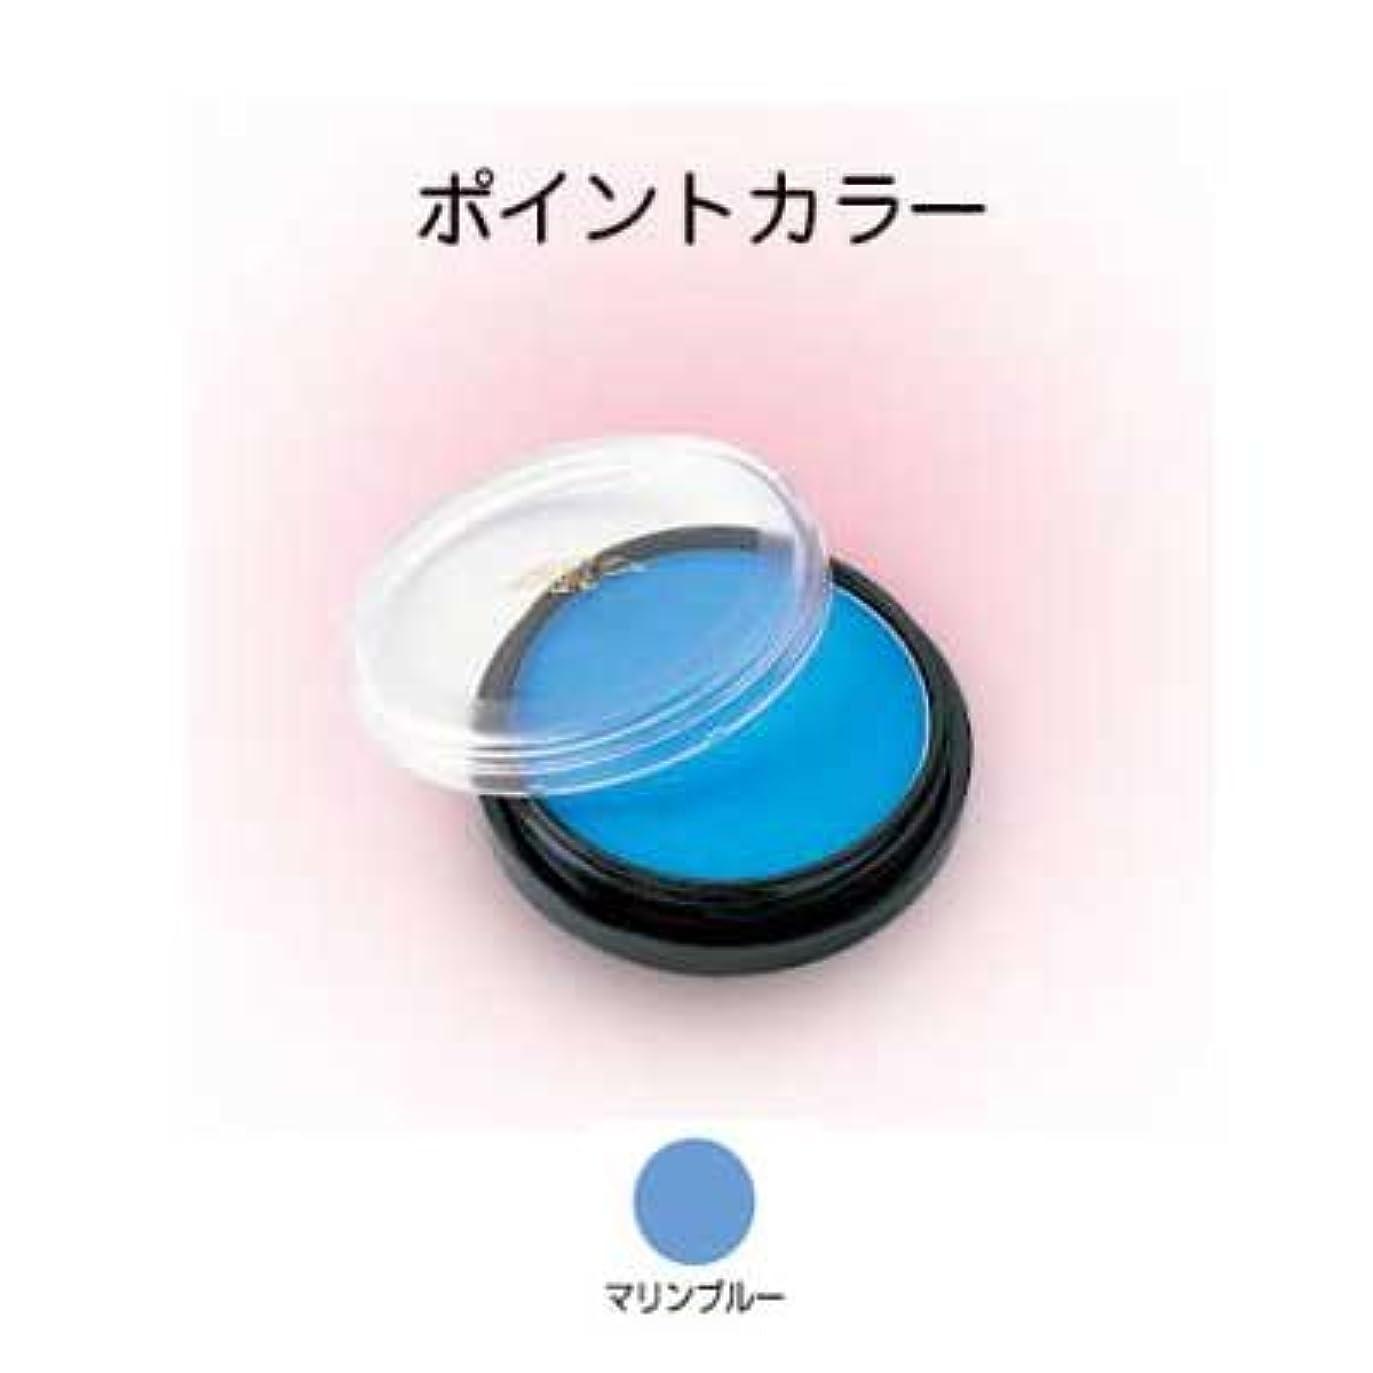 ストリーム伝導円形のプラスカラー マリンブルー【三善】